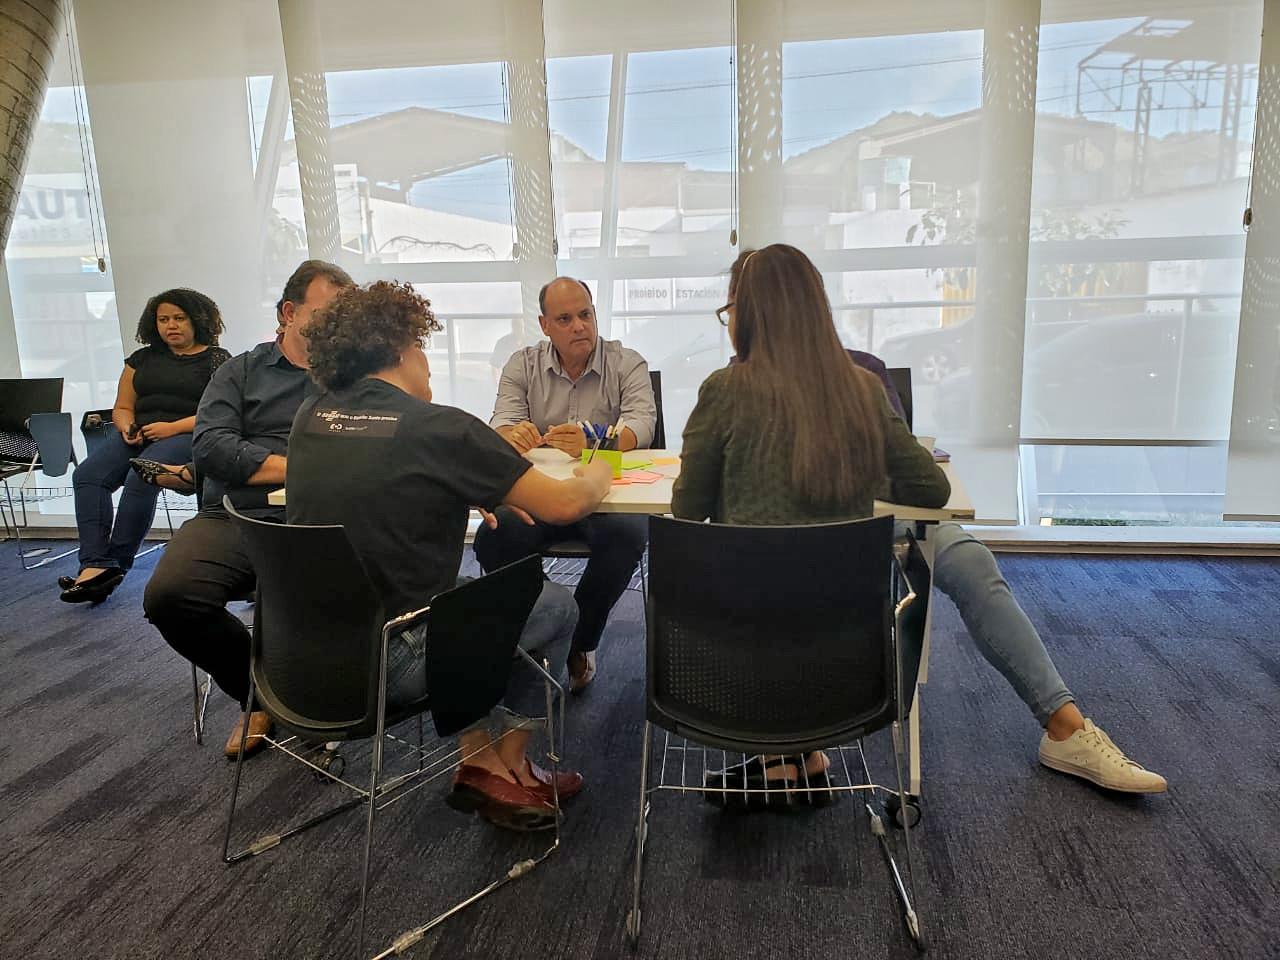 Acomac-ES/Sindmat participam de workshope de cocriação no Sebrae/ES.